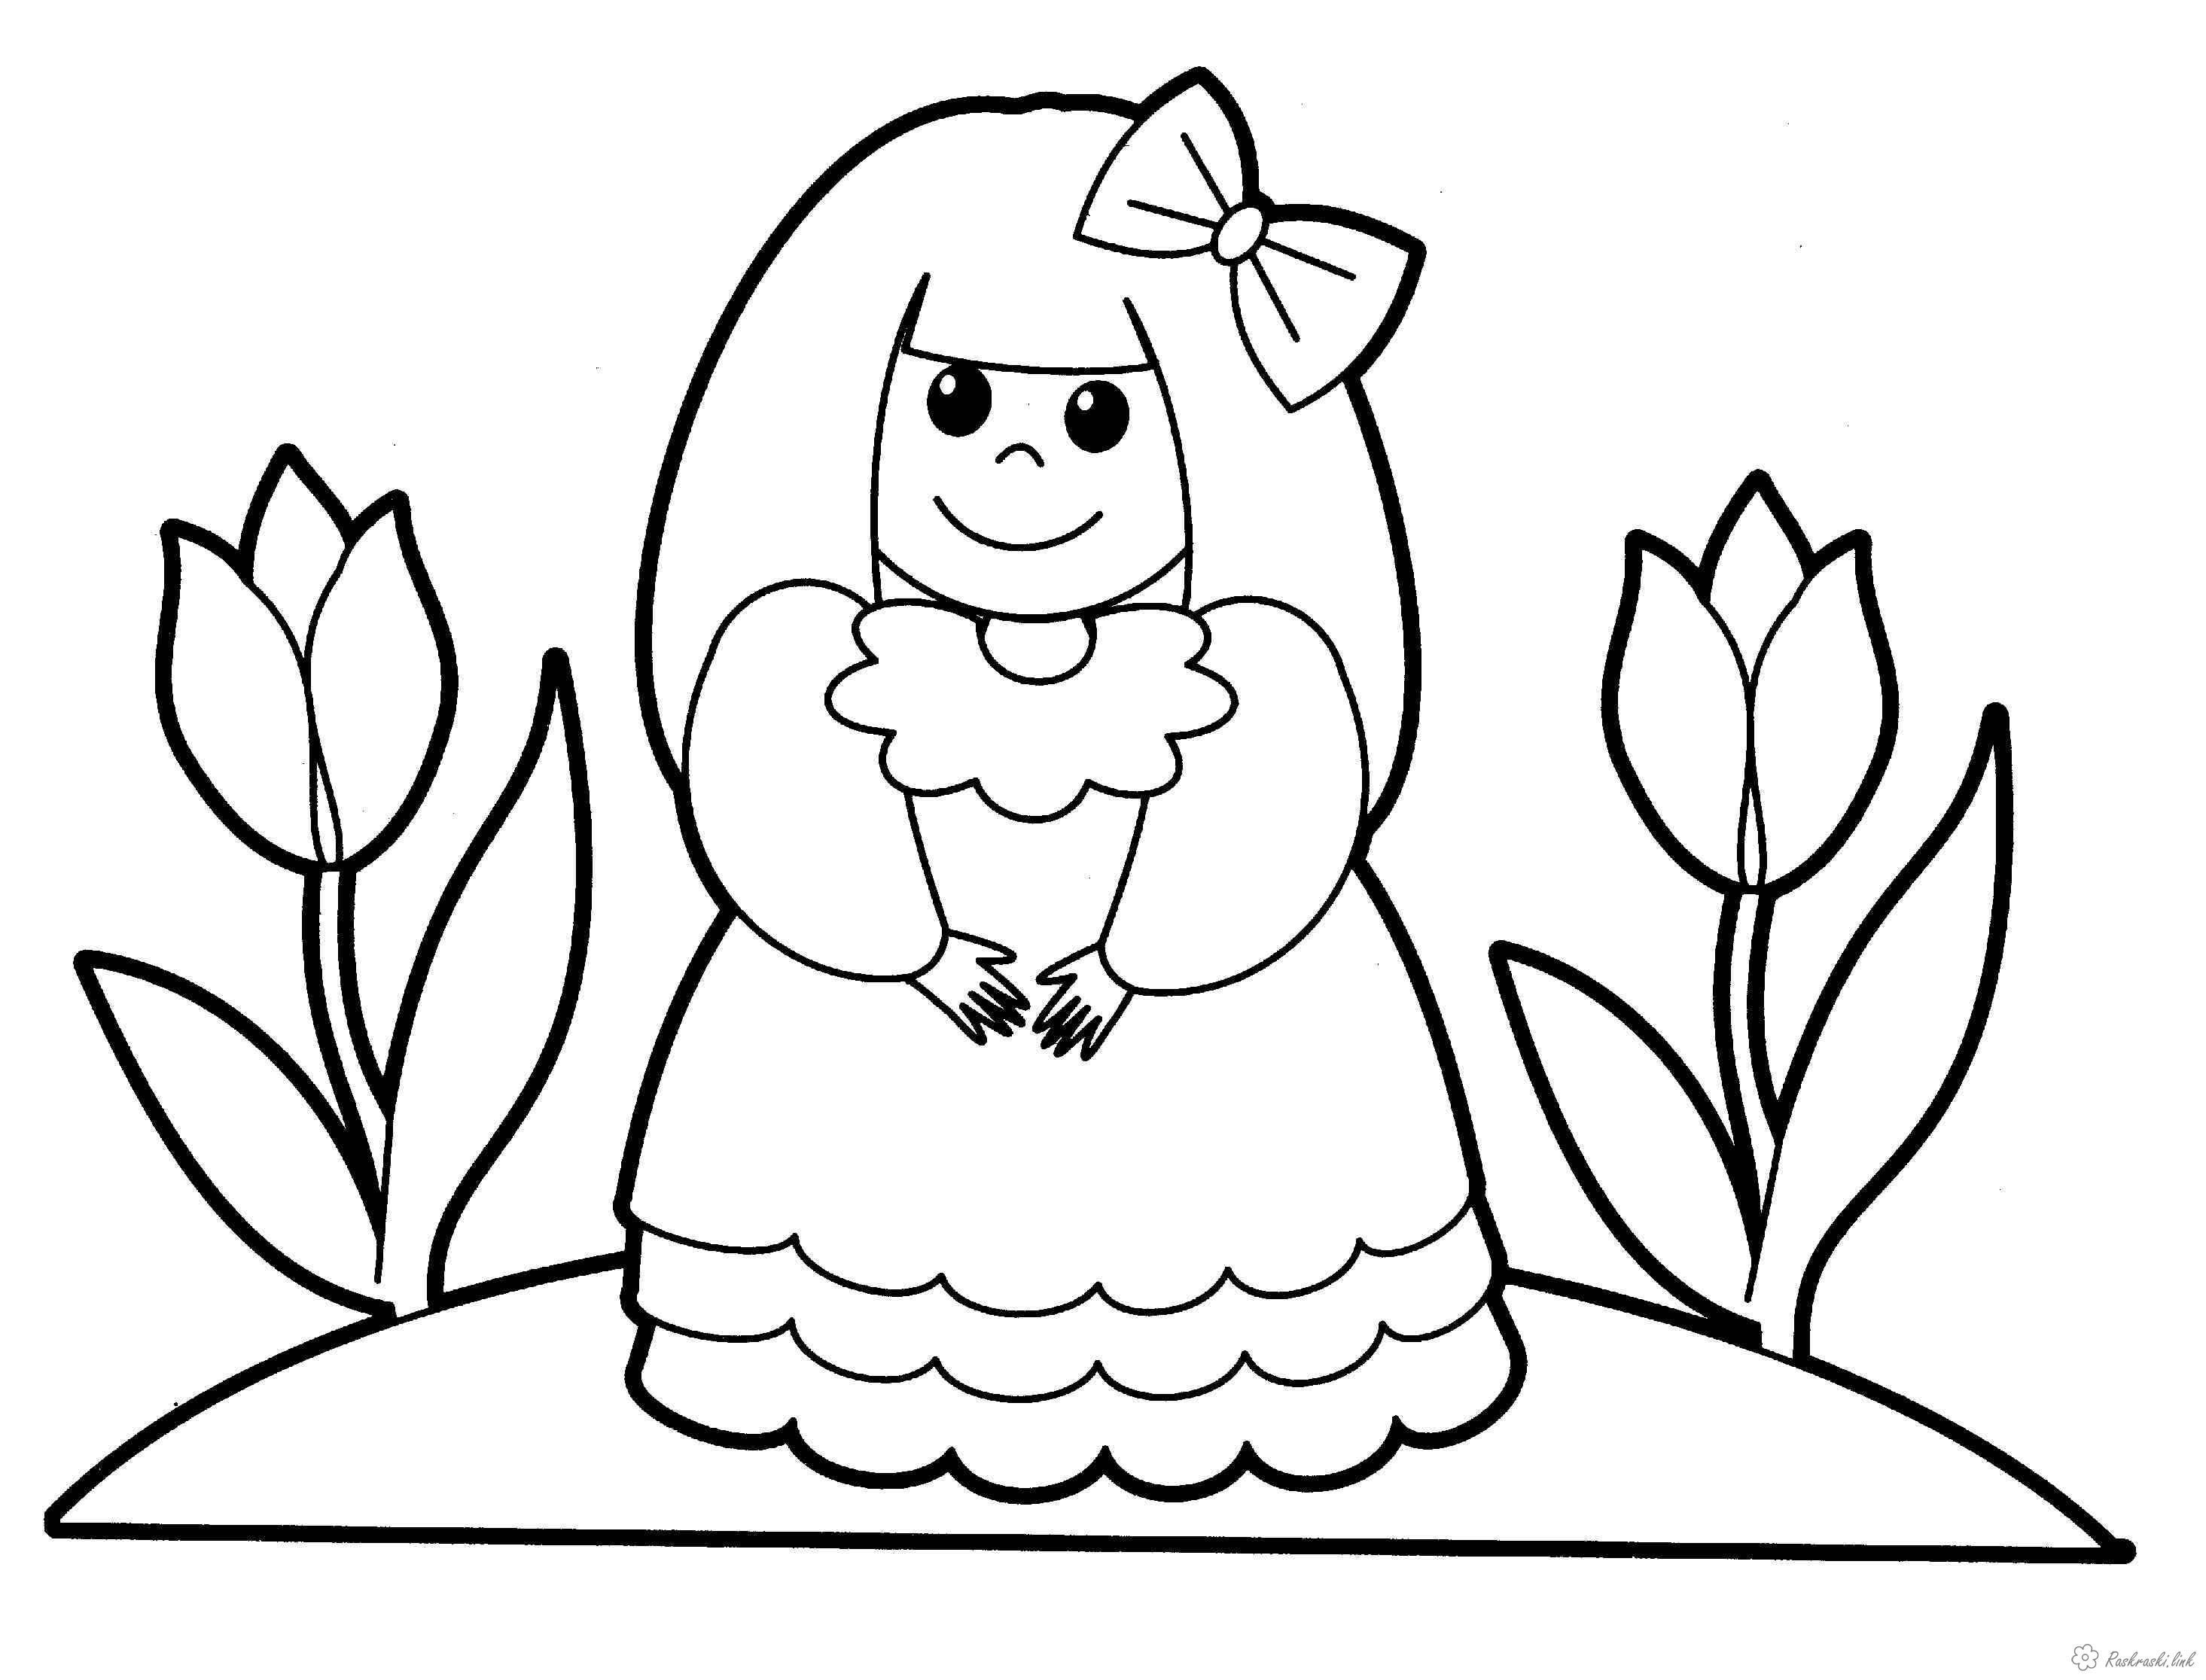 Розмальовки дівчинка дитяча розмальовка дівчинка, квіти